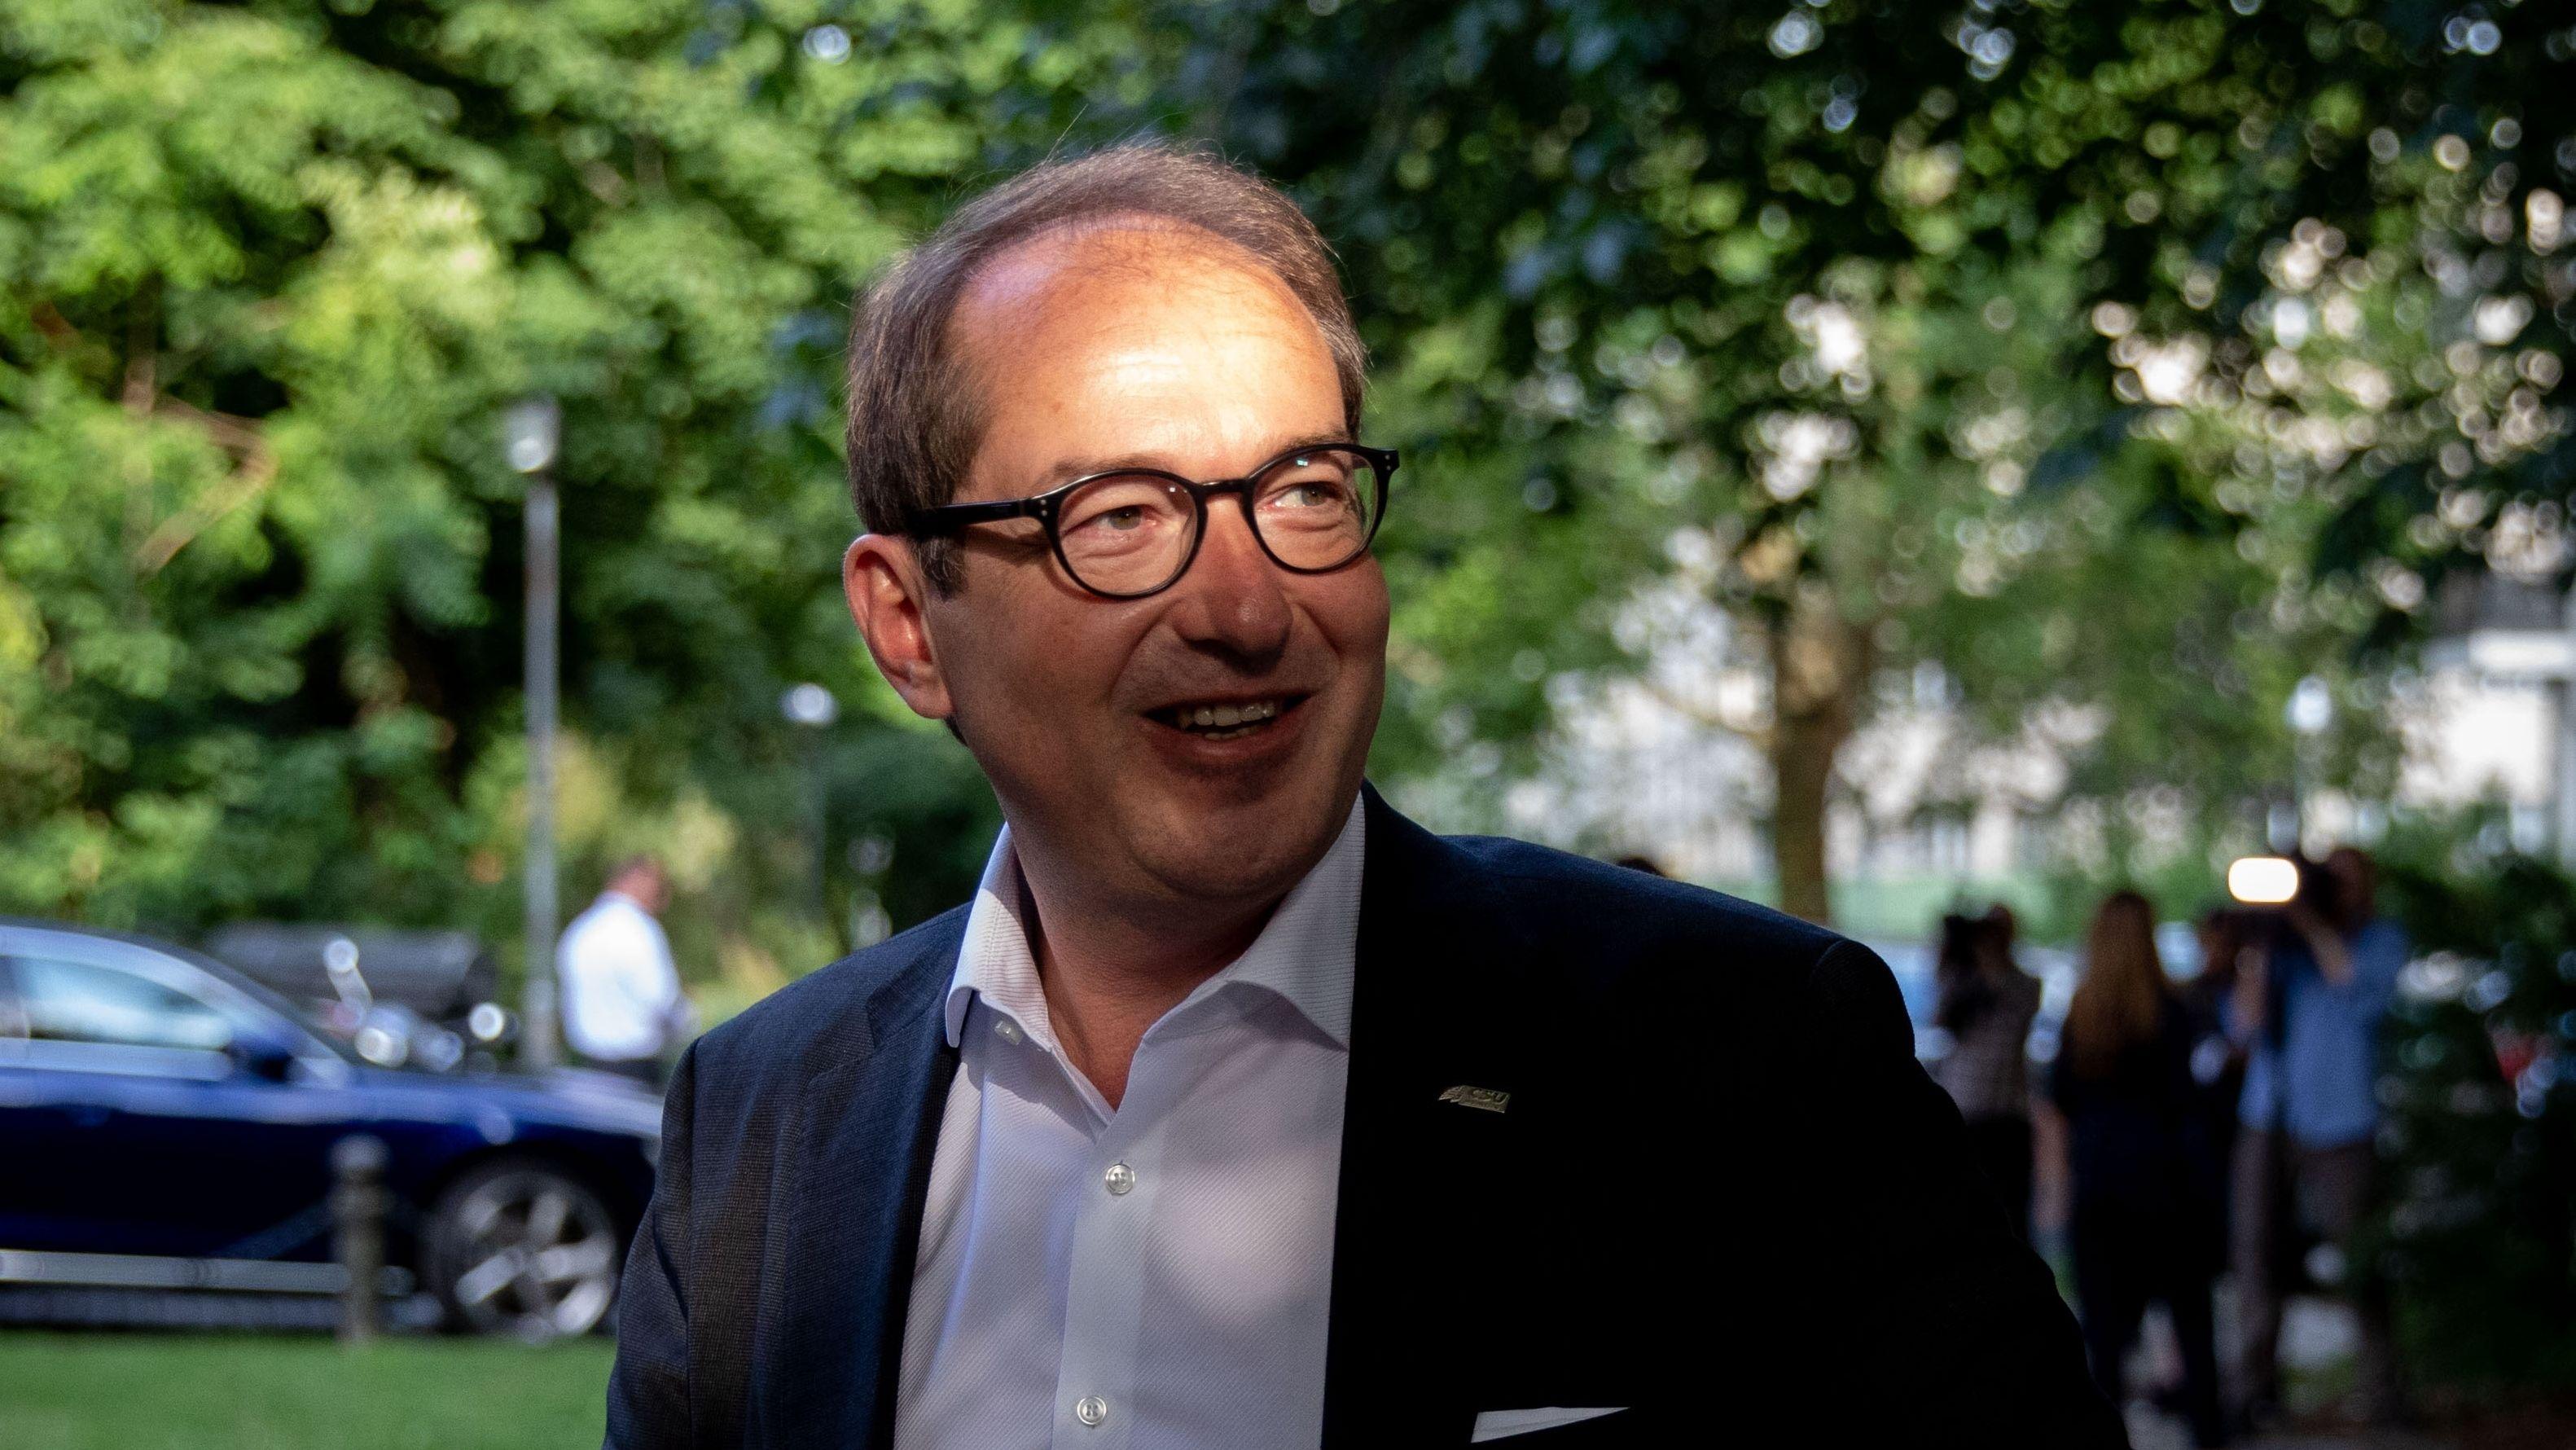 Alexander Dobrindt, CSU-Landesgruppenchef, kommt zur Klausurtagung der geschäftsführenden Fraktionsvorstände von CDU/CSU und SPD. (Archiv)